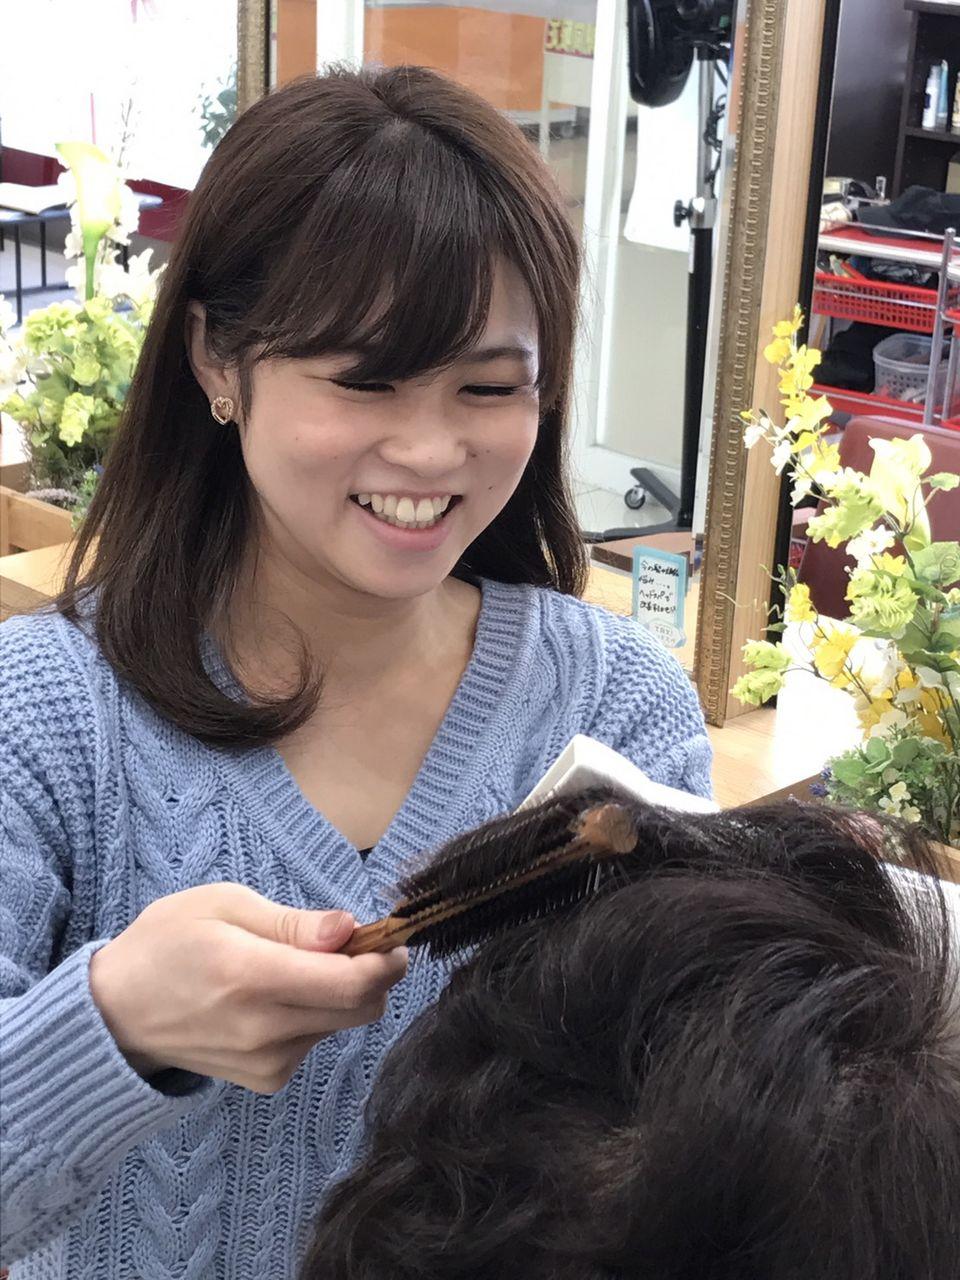 2018 5月15日  美容学生専門の就活ガイダンス 就職カンファレンス@Beauty 高田馬場開催